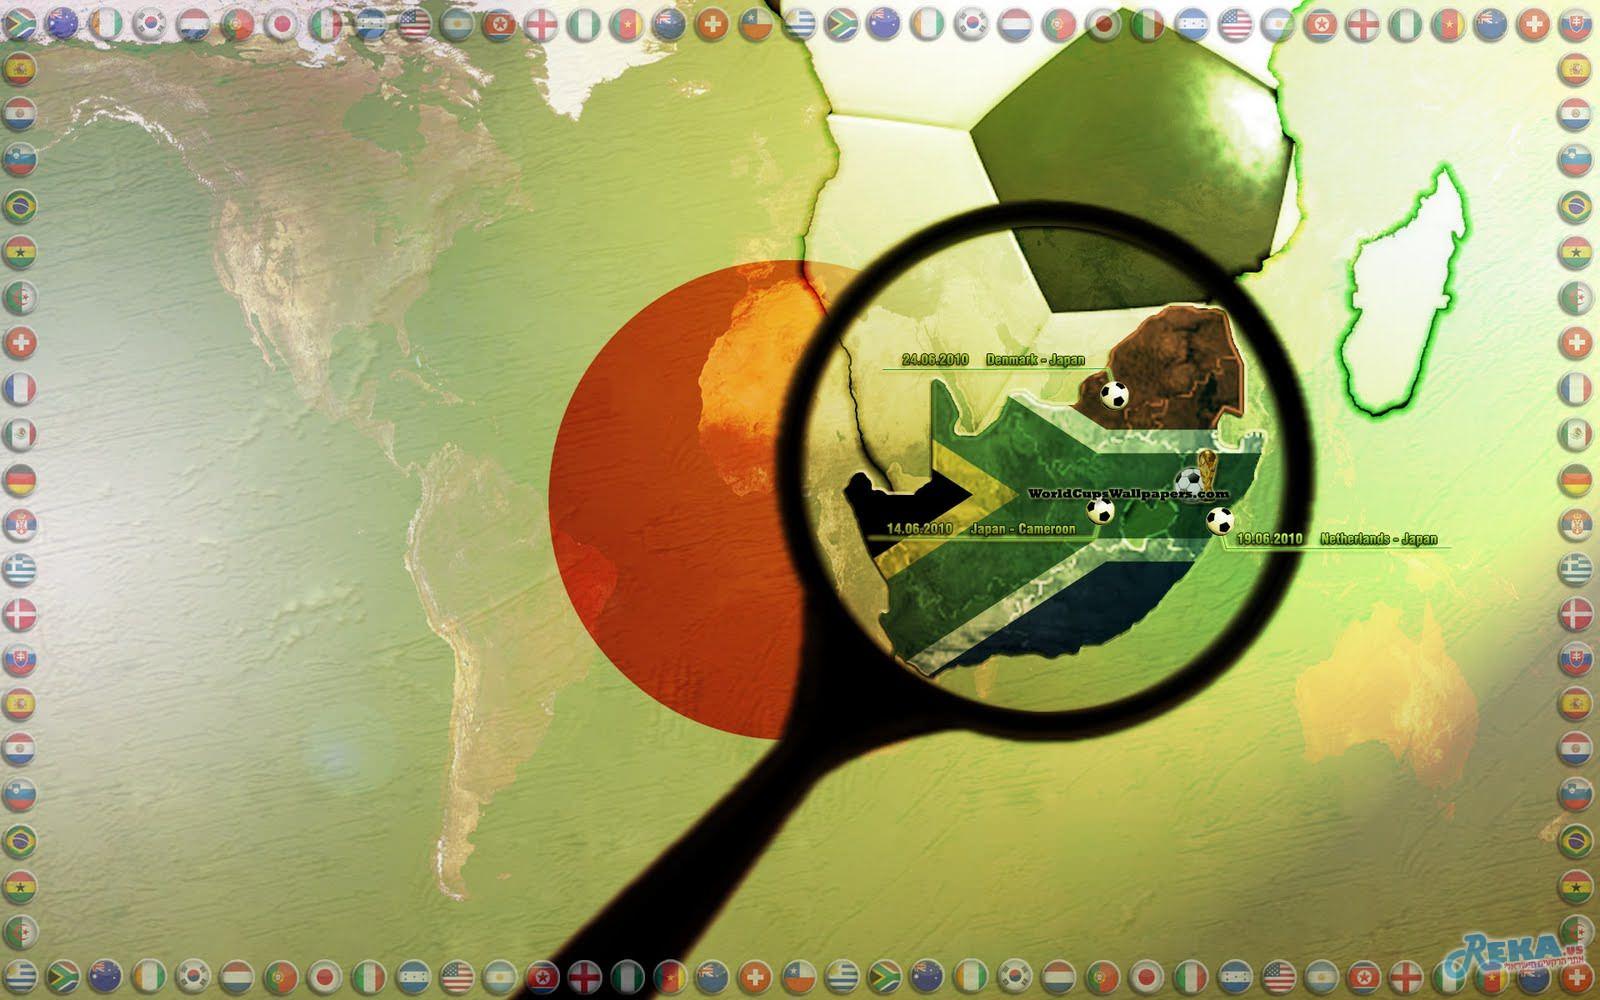 Japan-World-Cup-2010-Widescreen-Wallpaper